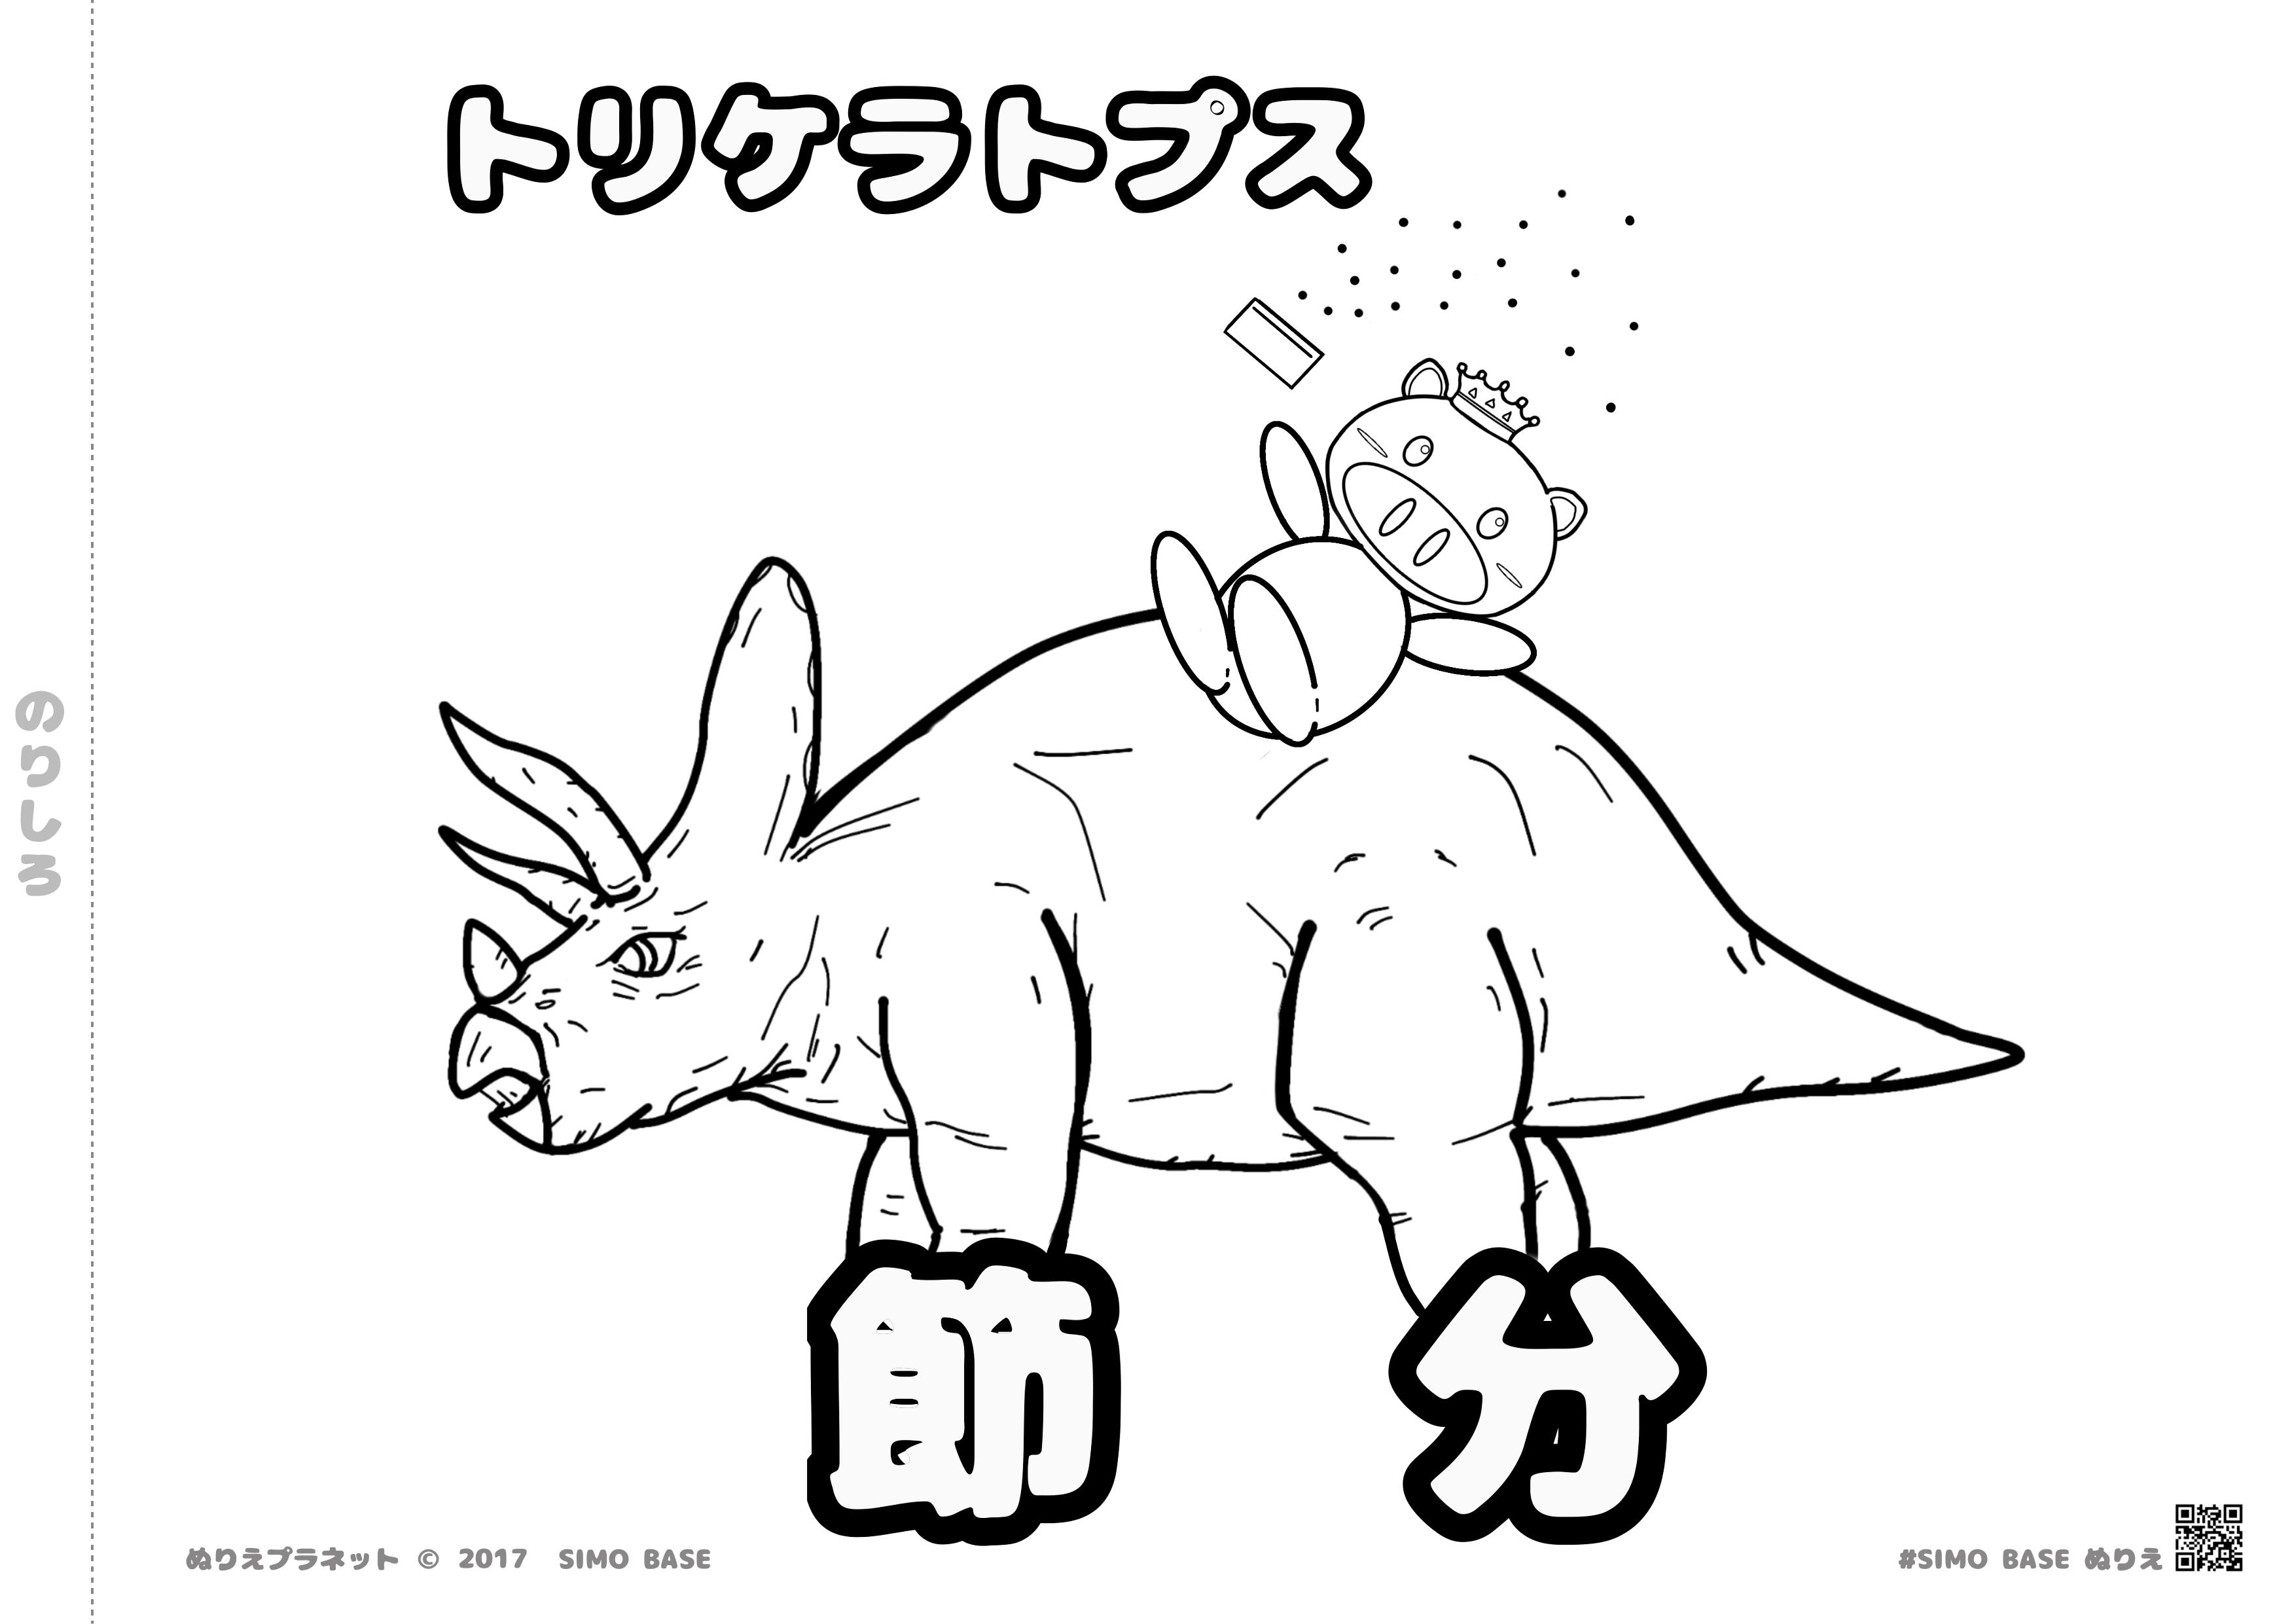 恐竜のトリケラトプスの上にのるぶたさんと節分のぬりえです。